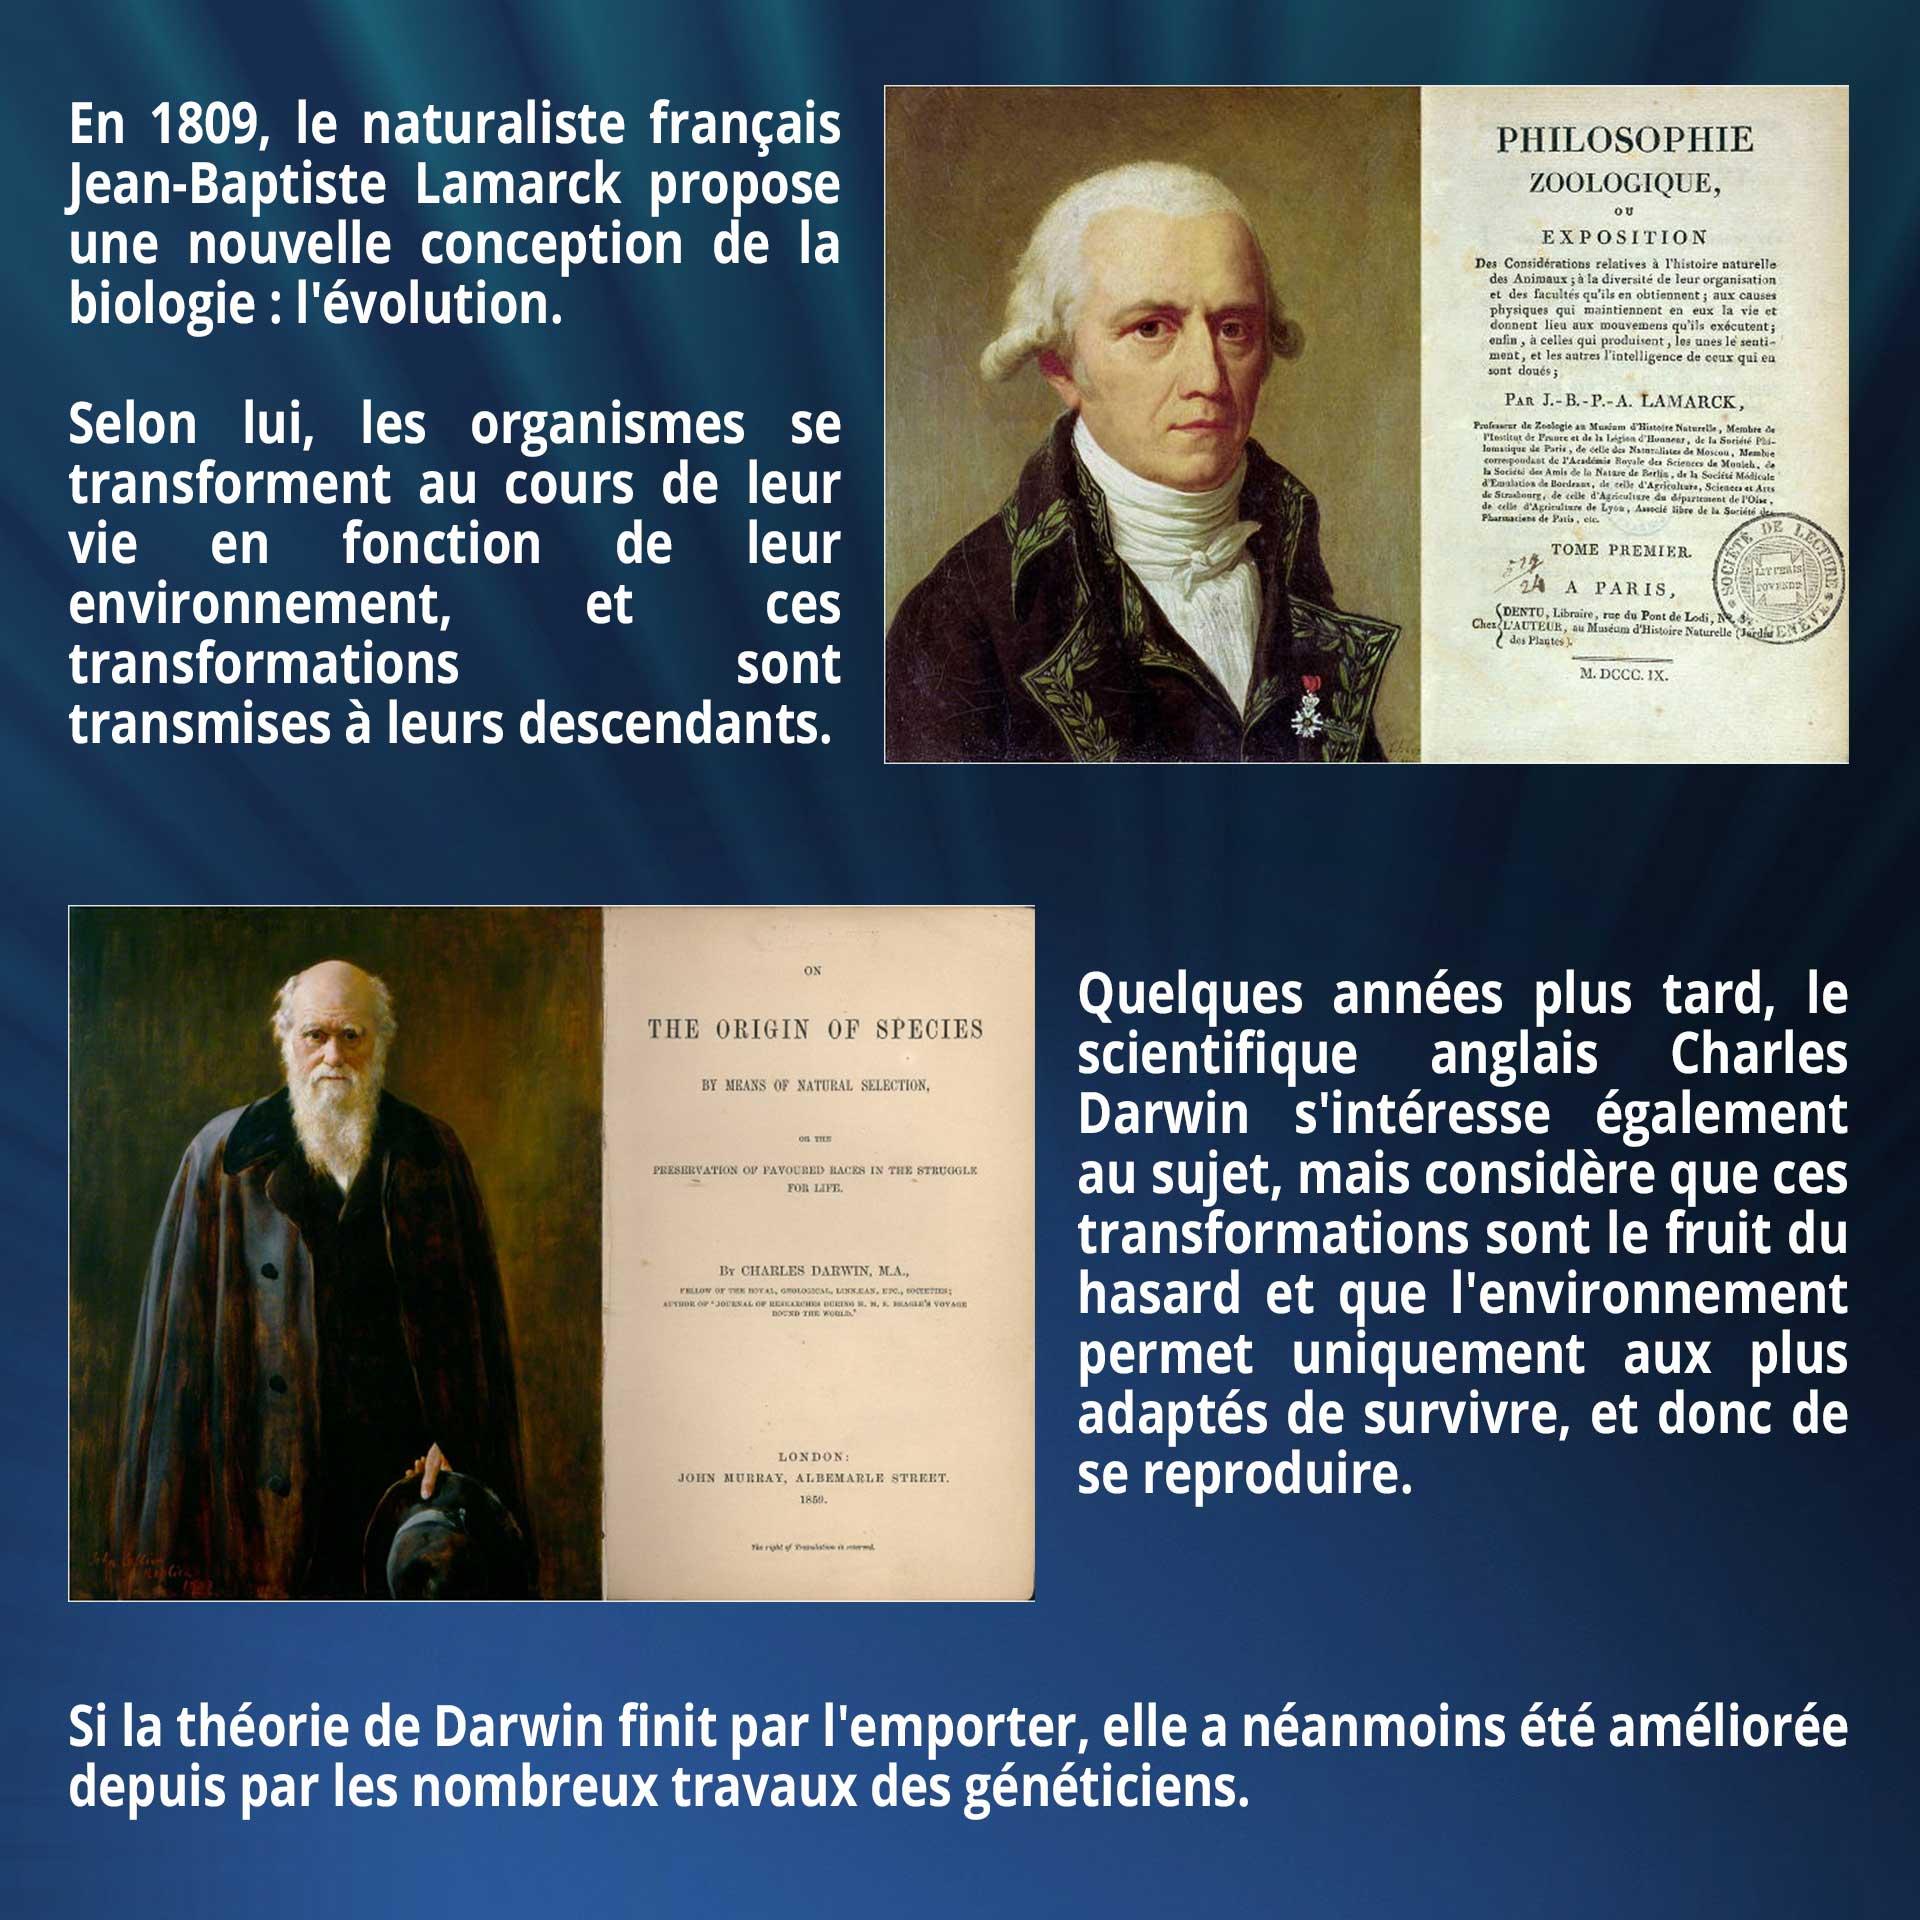 En 1809, le naturaliste français Jean-Baptiste Lamarck propose une nouvelle conception de la biologie : l'évolution. Selon lui, les organismes se transforment au cours de leur vie en fonction de leur environnement, et ces transformations sont transmises à leurs descendants. Quelques années plus tard, le scientifique anglais Charles Darwin s'intéresse également au sujet, mais considère que ces transformations sont le fruit du hasard et que l'environnement permet uniquement aux plus adaptés de survivre, et donc de se reproduire. Si la théorie de Darwin finit par l'emporter, elle a néanmoins été améliorée depuis par les nombreux travaux des généticiens.